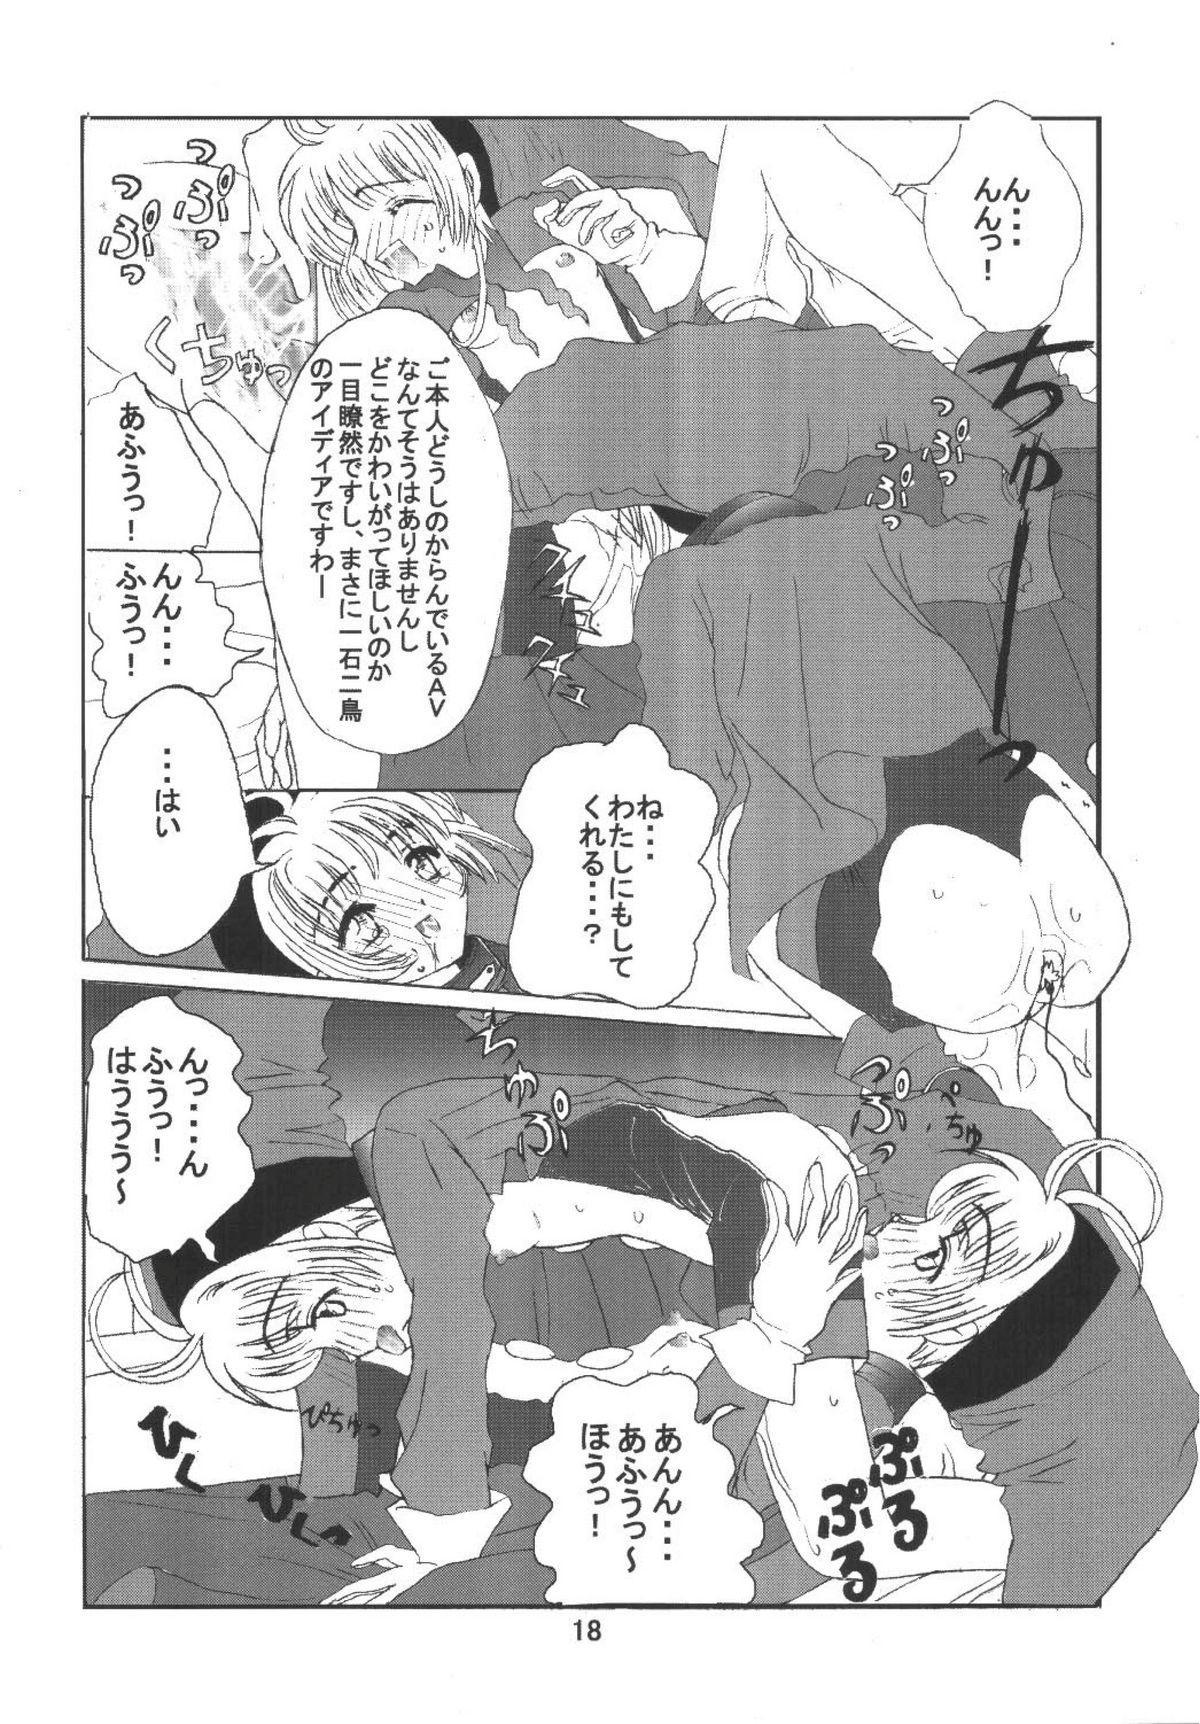 Kuuronziyou 6 Sakura-chan de Asobou 3 17